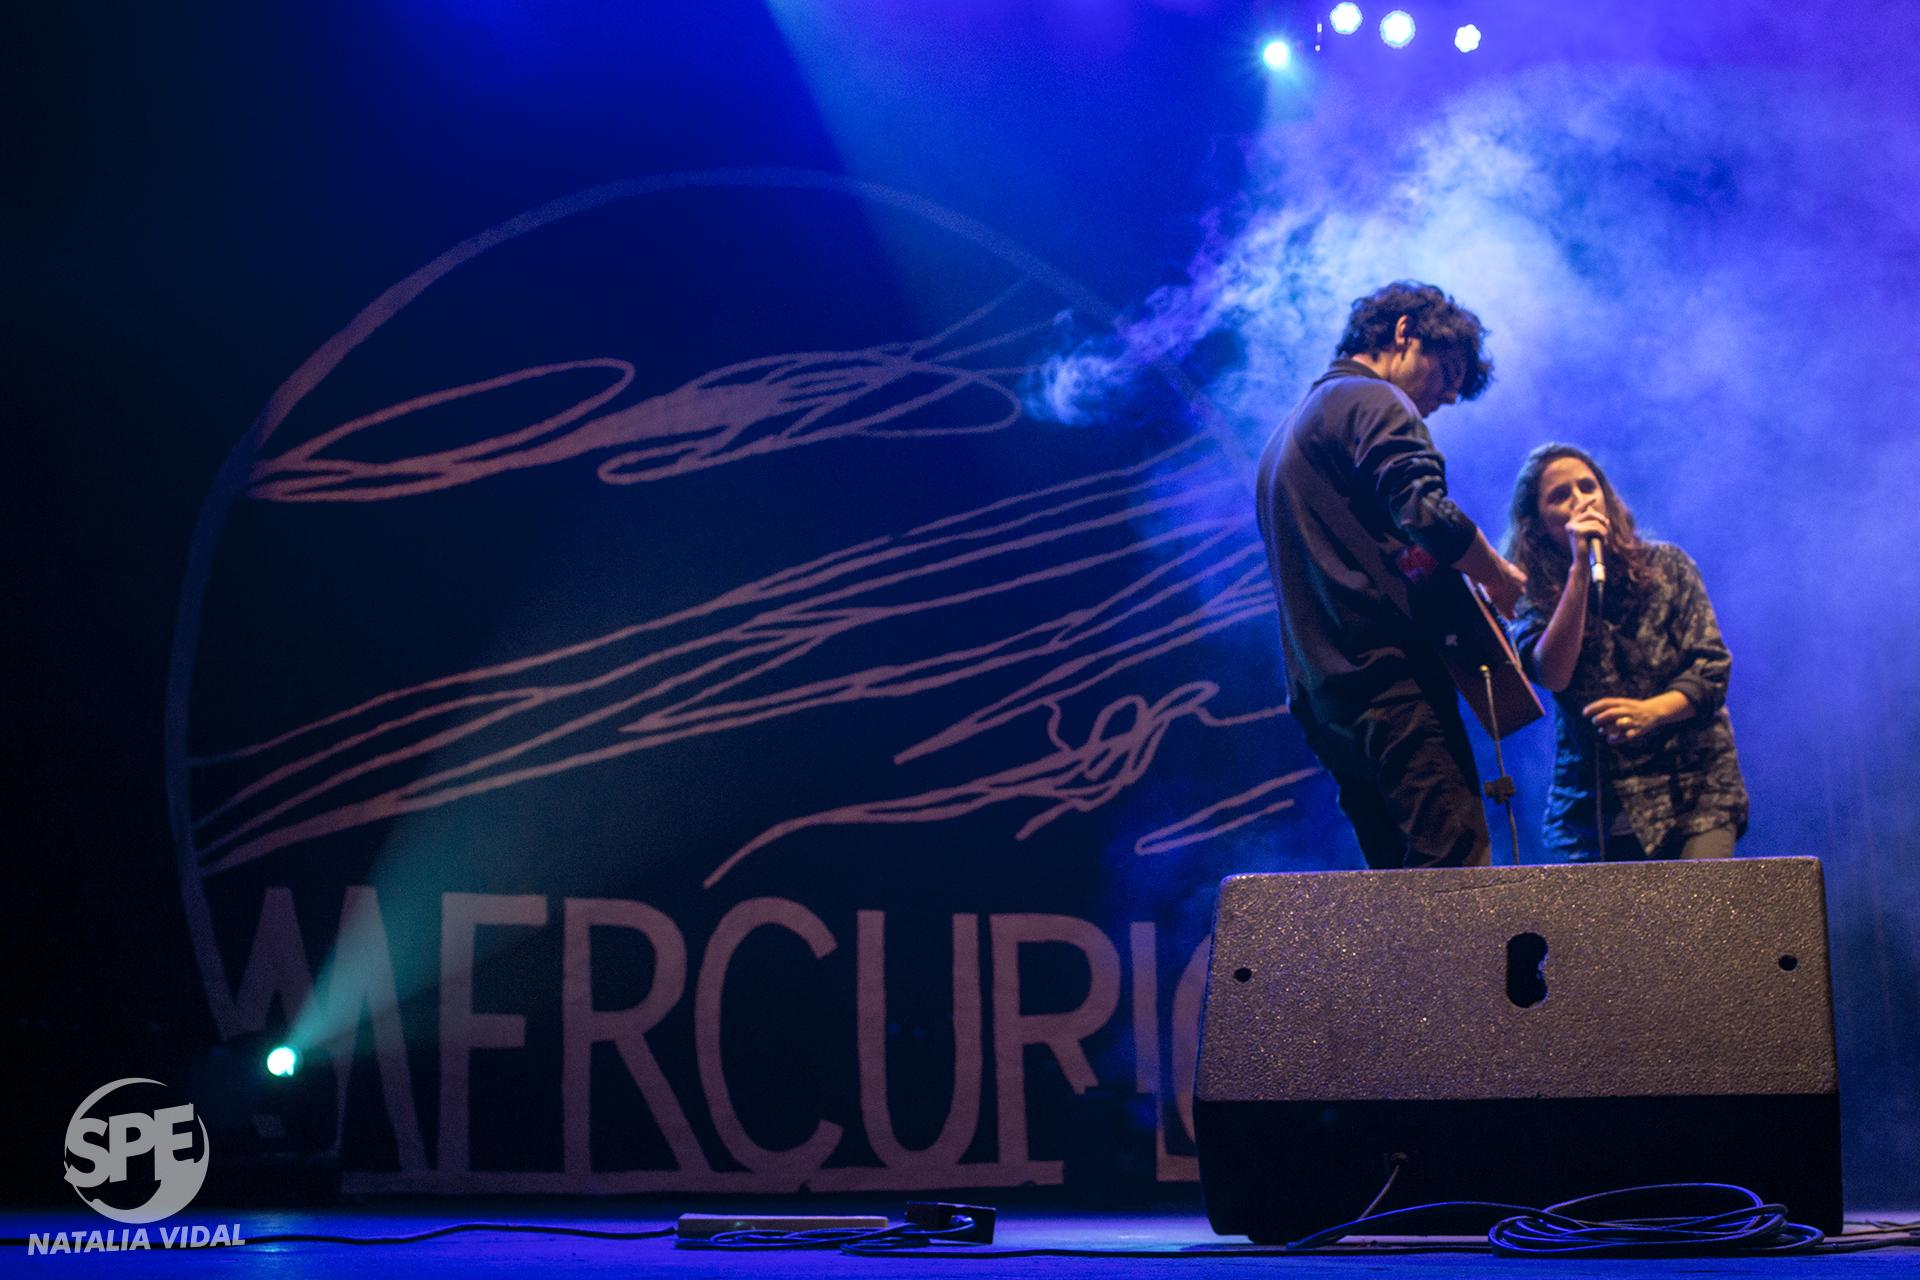 Barby-Recanati-Festi-Mercurio-Teatro-Xirgu-30-06-18-Natalia-Vidal-Solo-Para-Entendidos_609.jpg